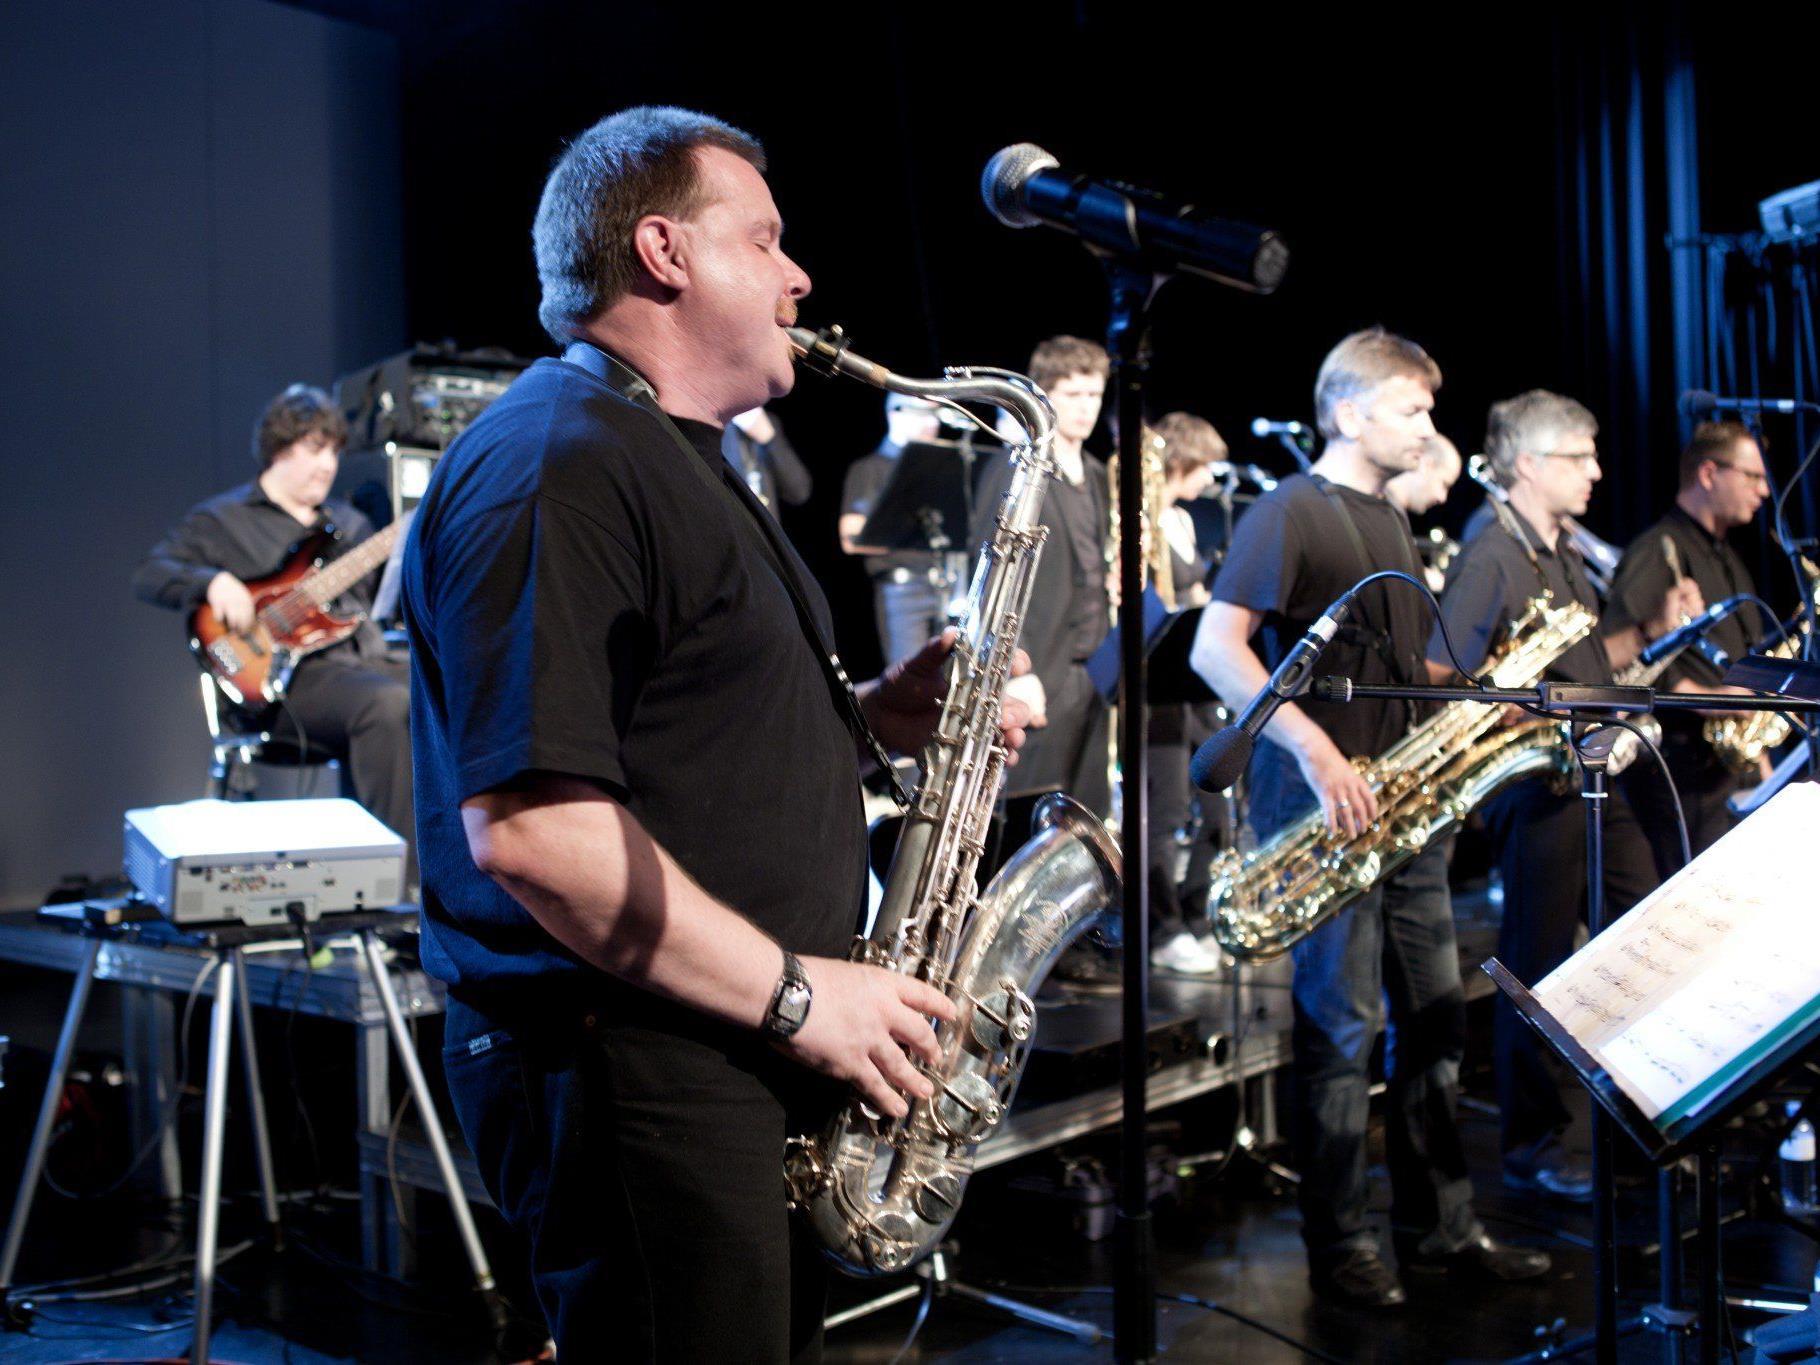 Die Swing-Werk Big-Band wird Ende April unter der Leitung von Werner Gorbach zu hören sein